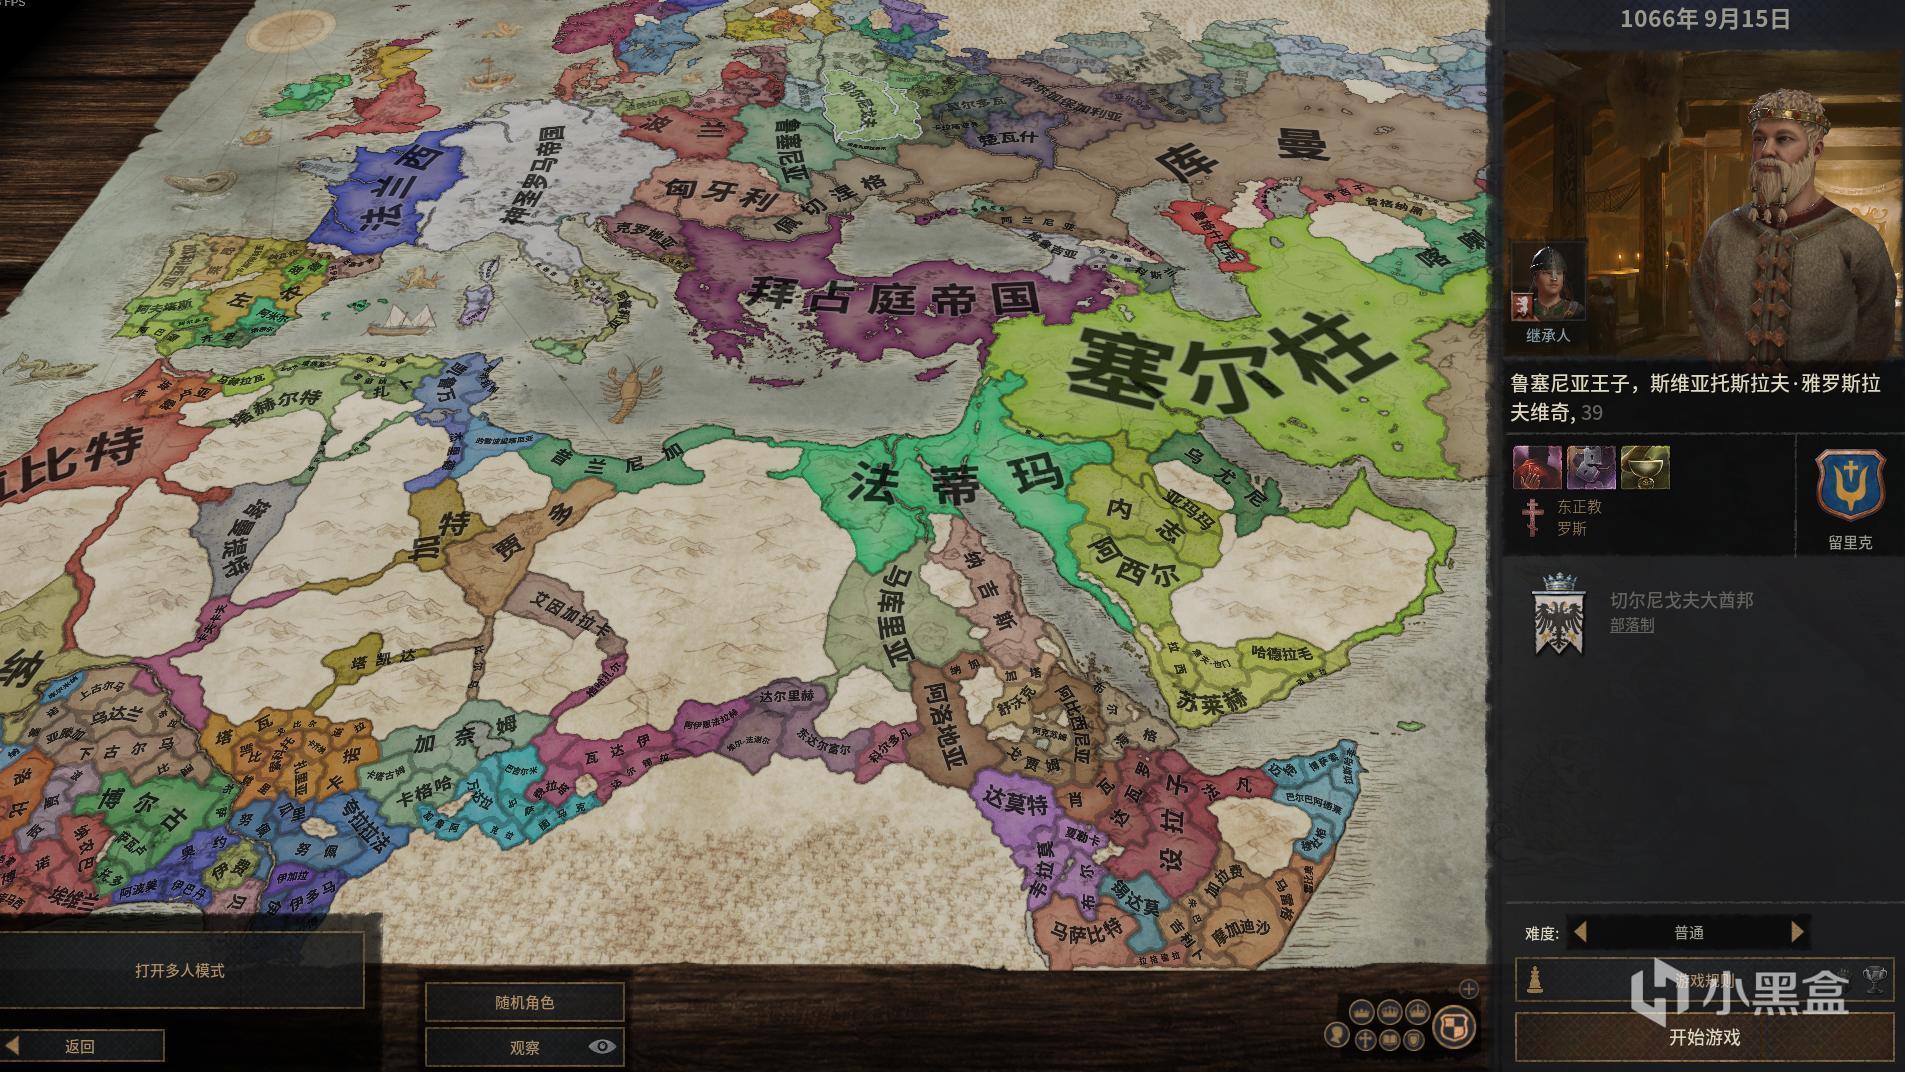 《十字军之王3》基础界面讲解与勾引计划图文攻略插图3